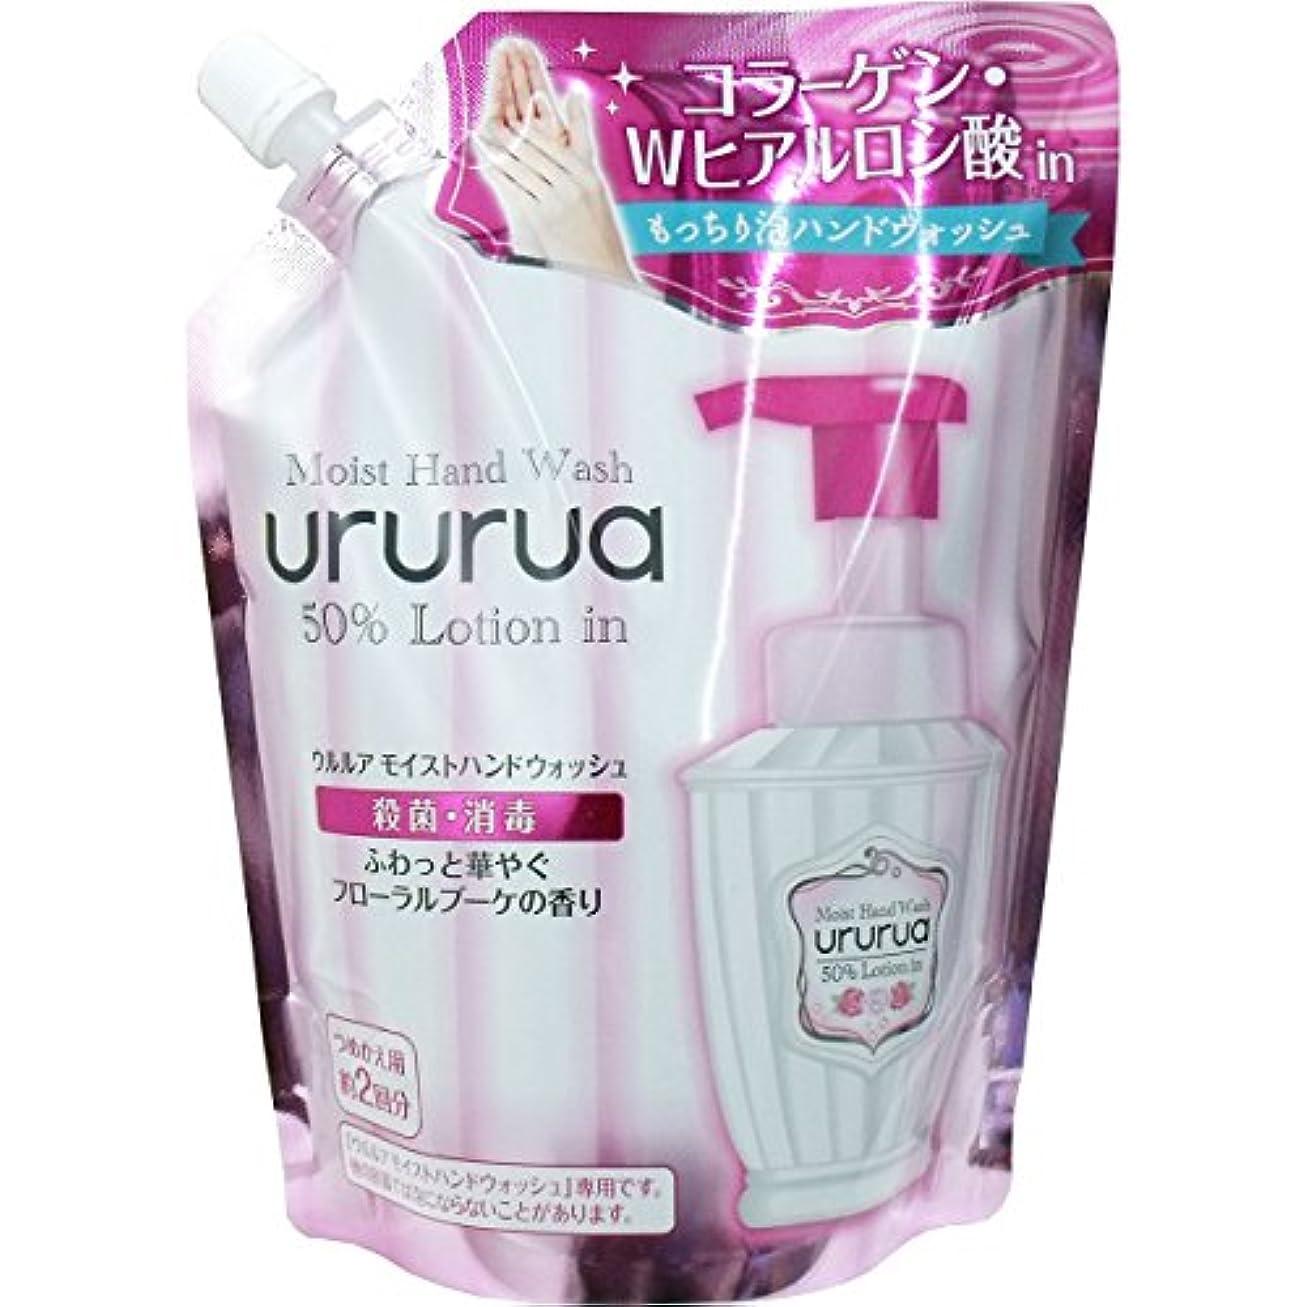 苛性手まばたき【牛乳石鹸】ウルルア モイストハンドウォッシュ つめかえ用 420ml ×3個セット